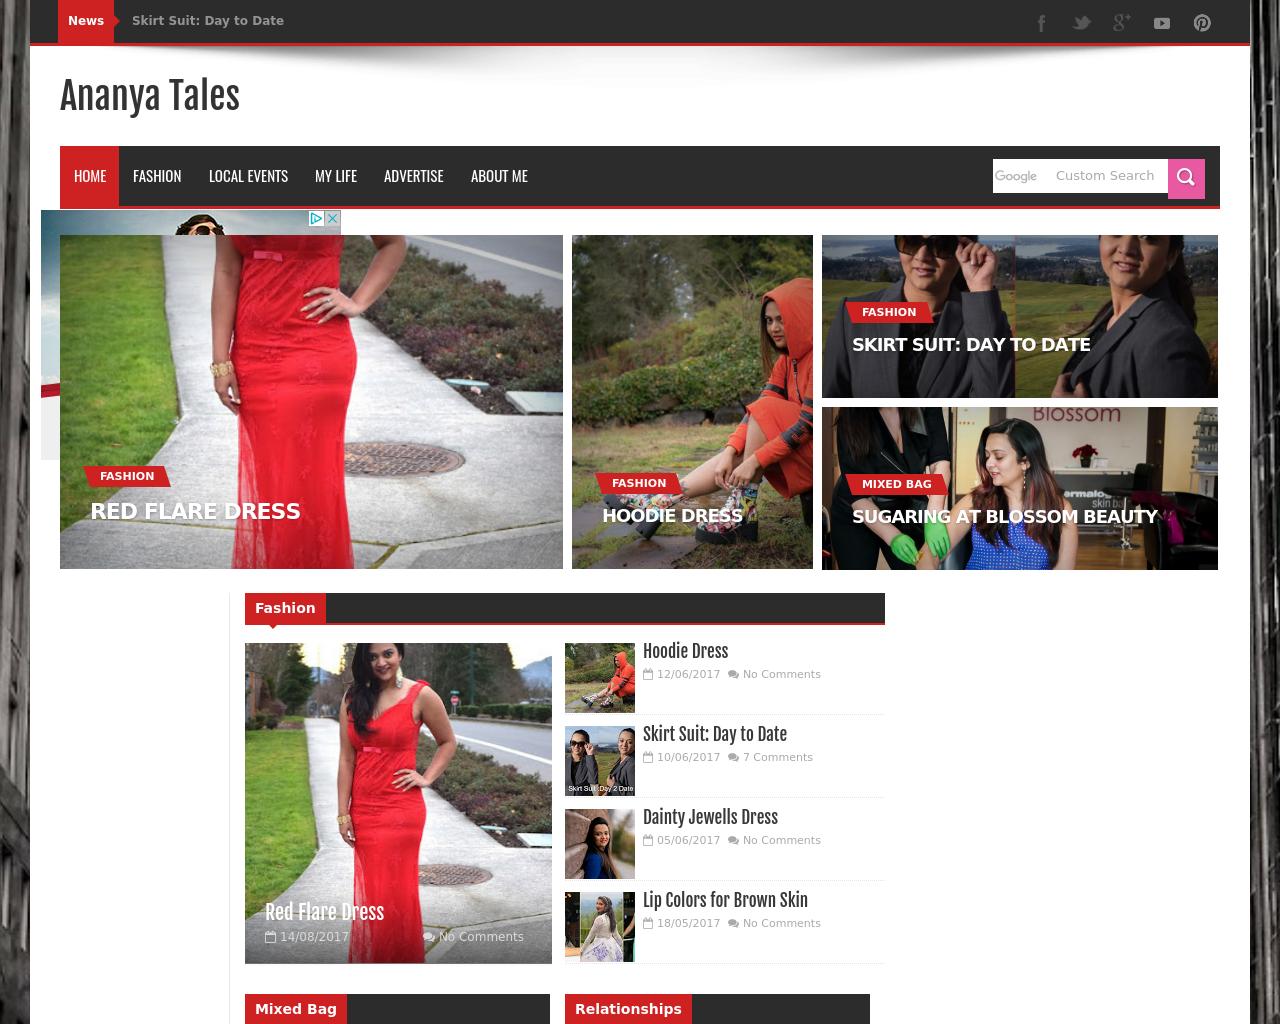 Ananya-Tales-Advertising-Reviews-Pricing